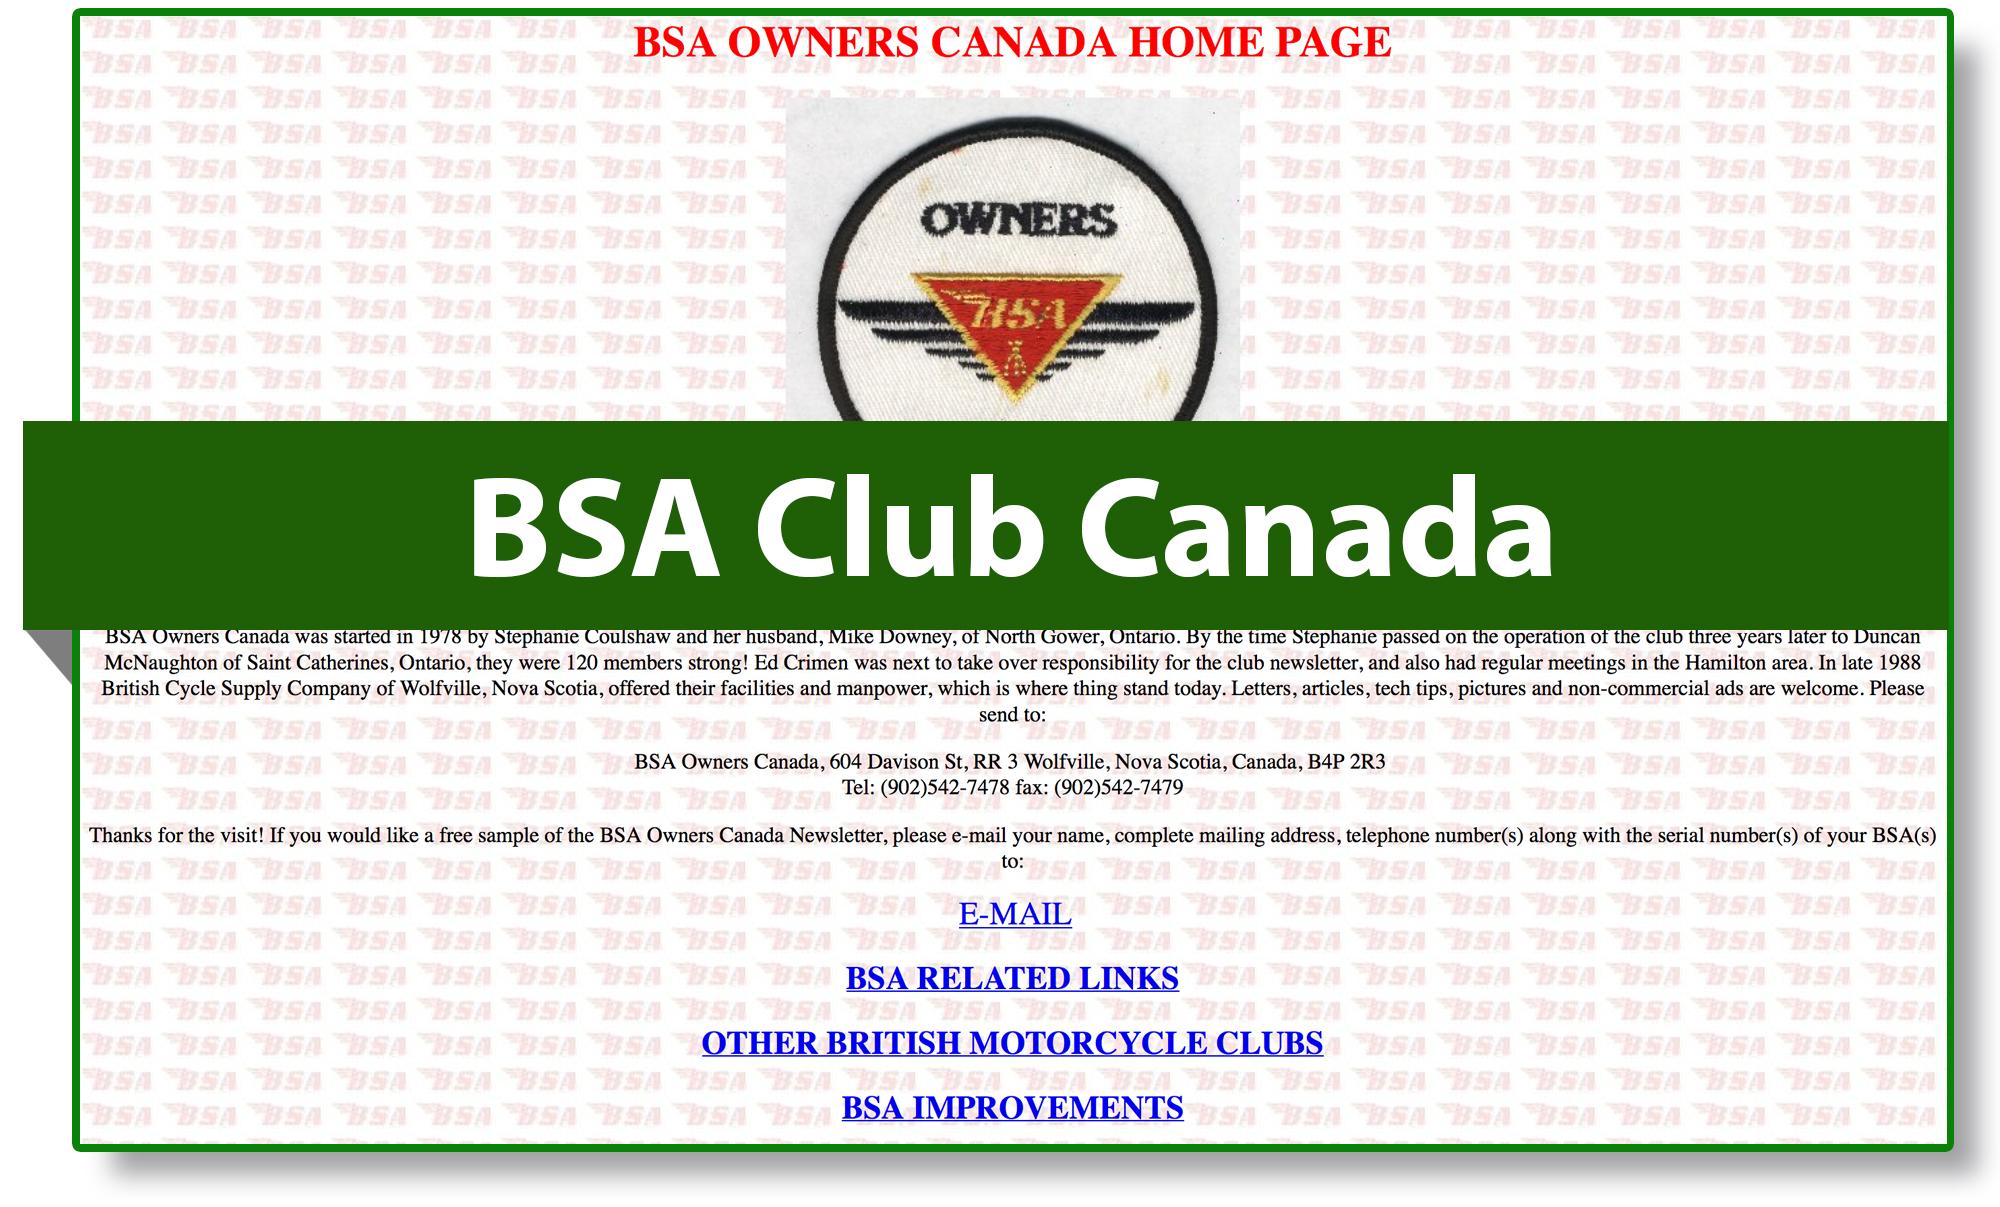 BSA club Canada